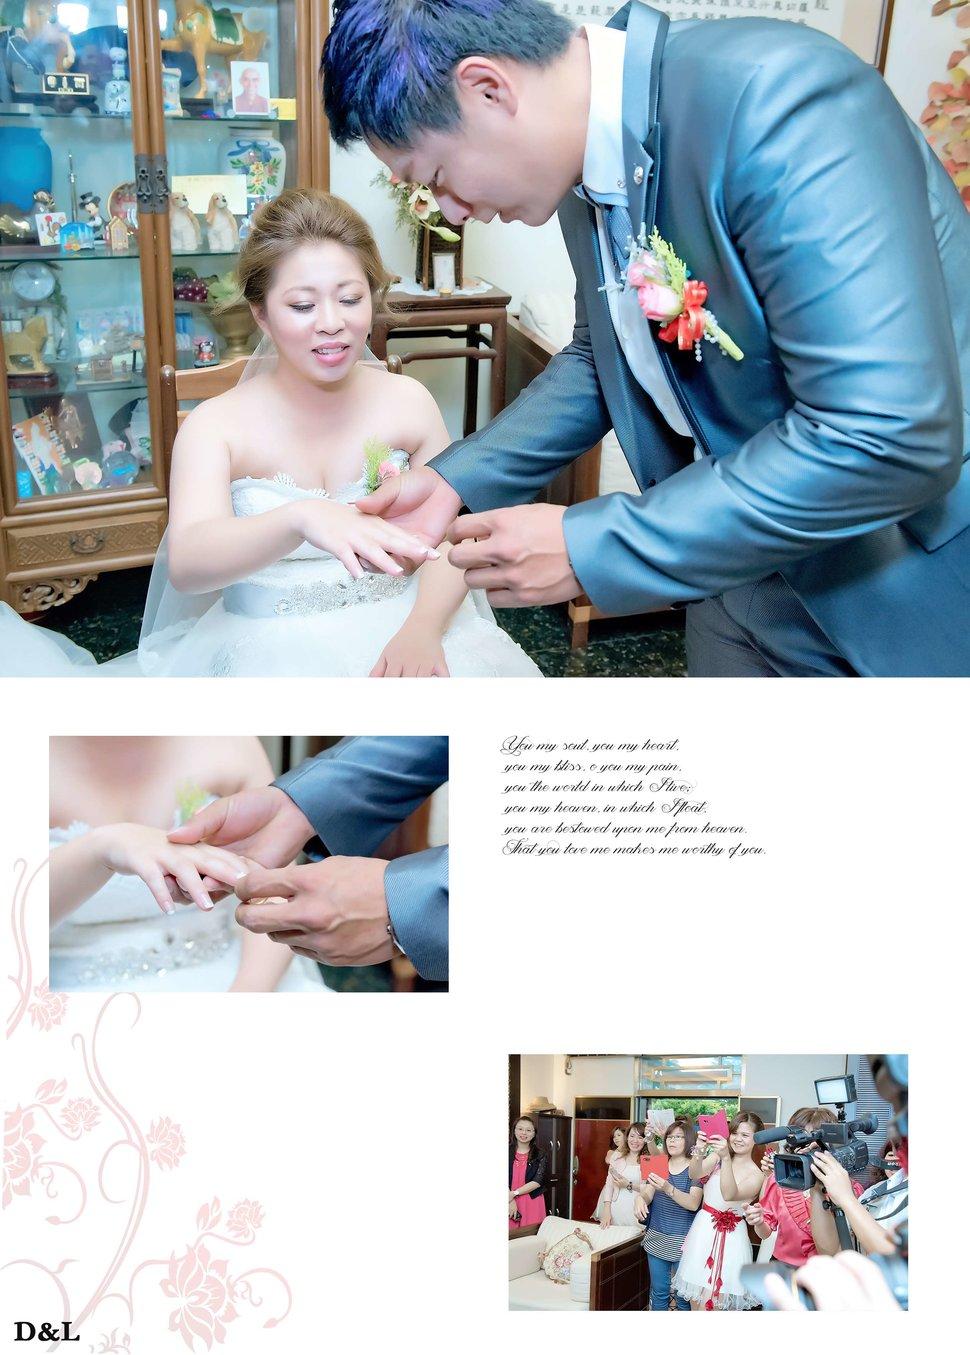 雲林婚攝 婚禮紀錄 敬添&綉芬 喜洋洋宴會廳雲林(編號:253219) - D&L 婚禮事務-婚紗攝影/婚禮記錄 - 結婚吧